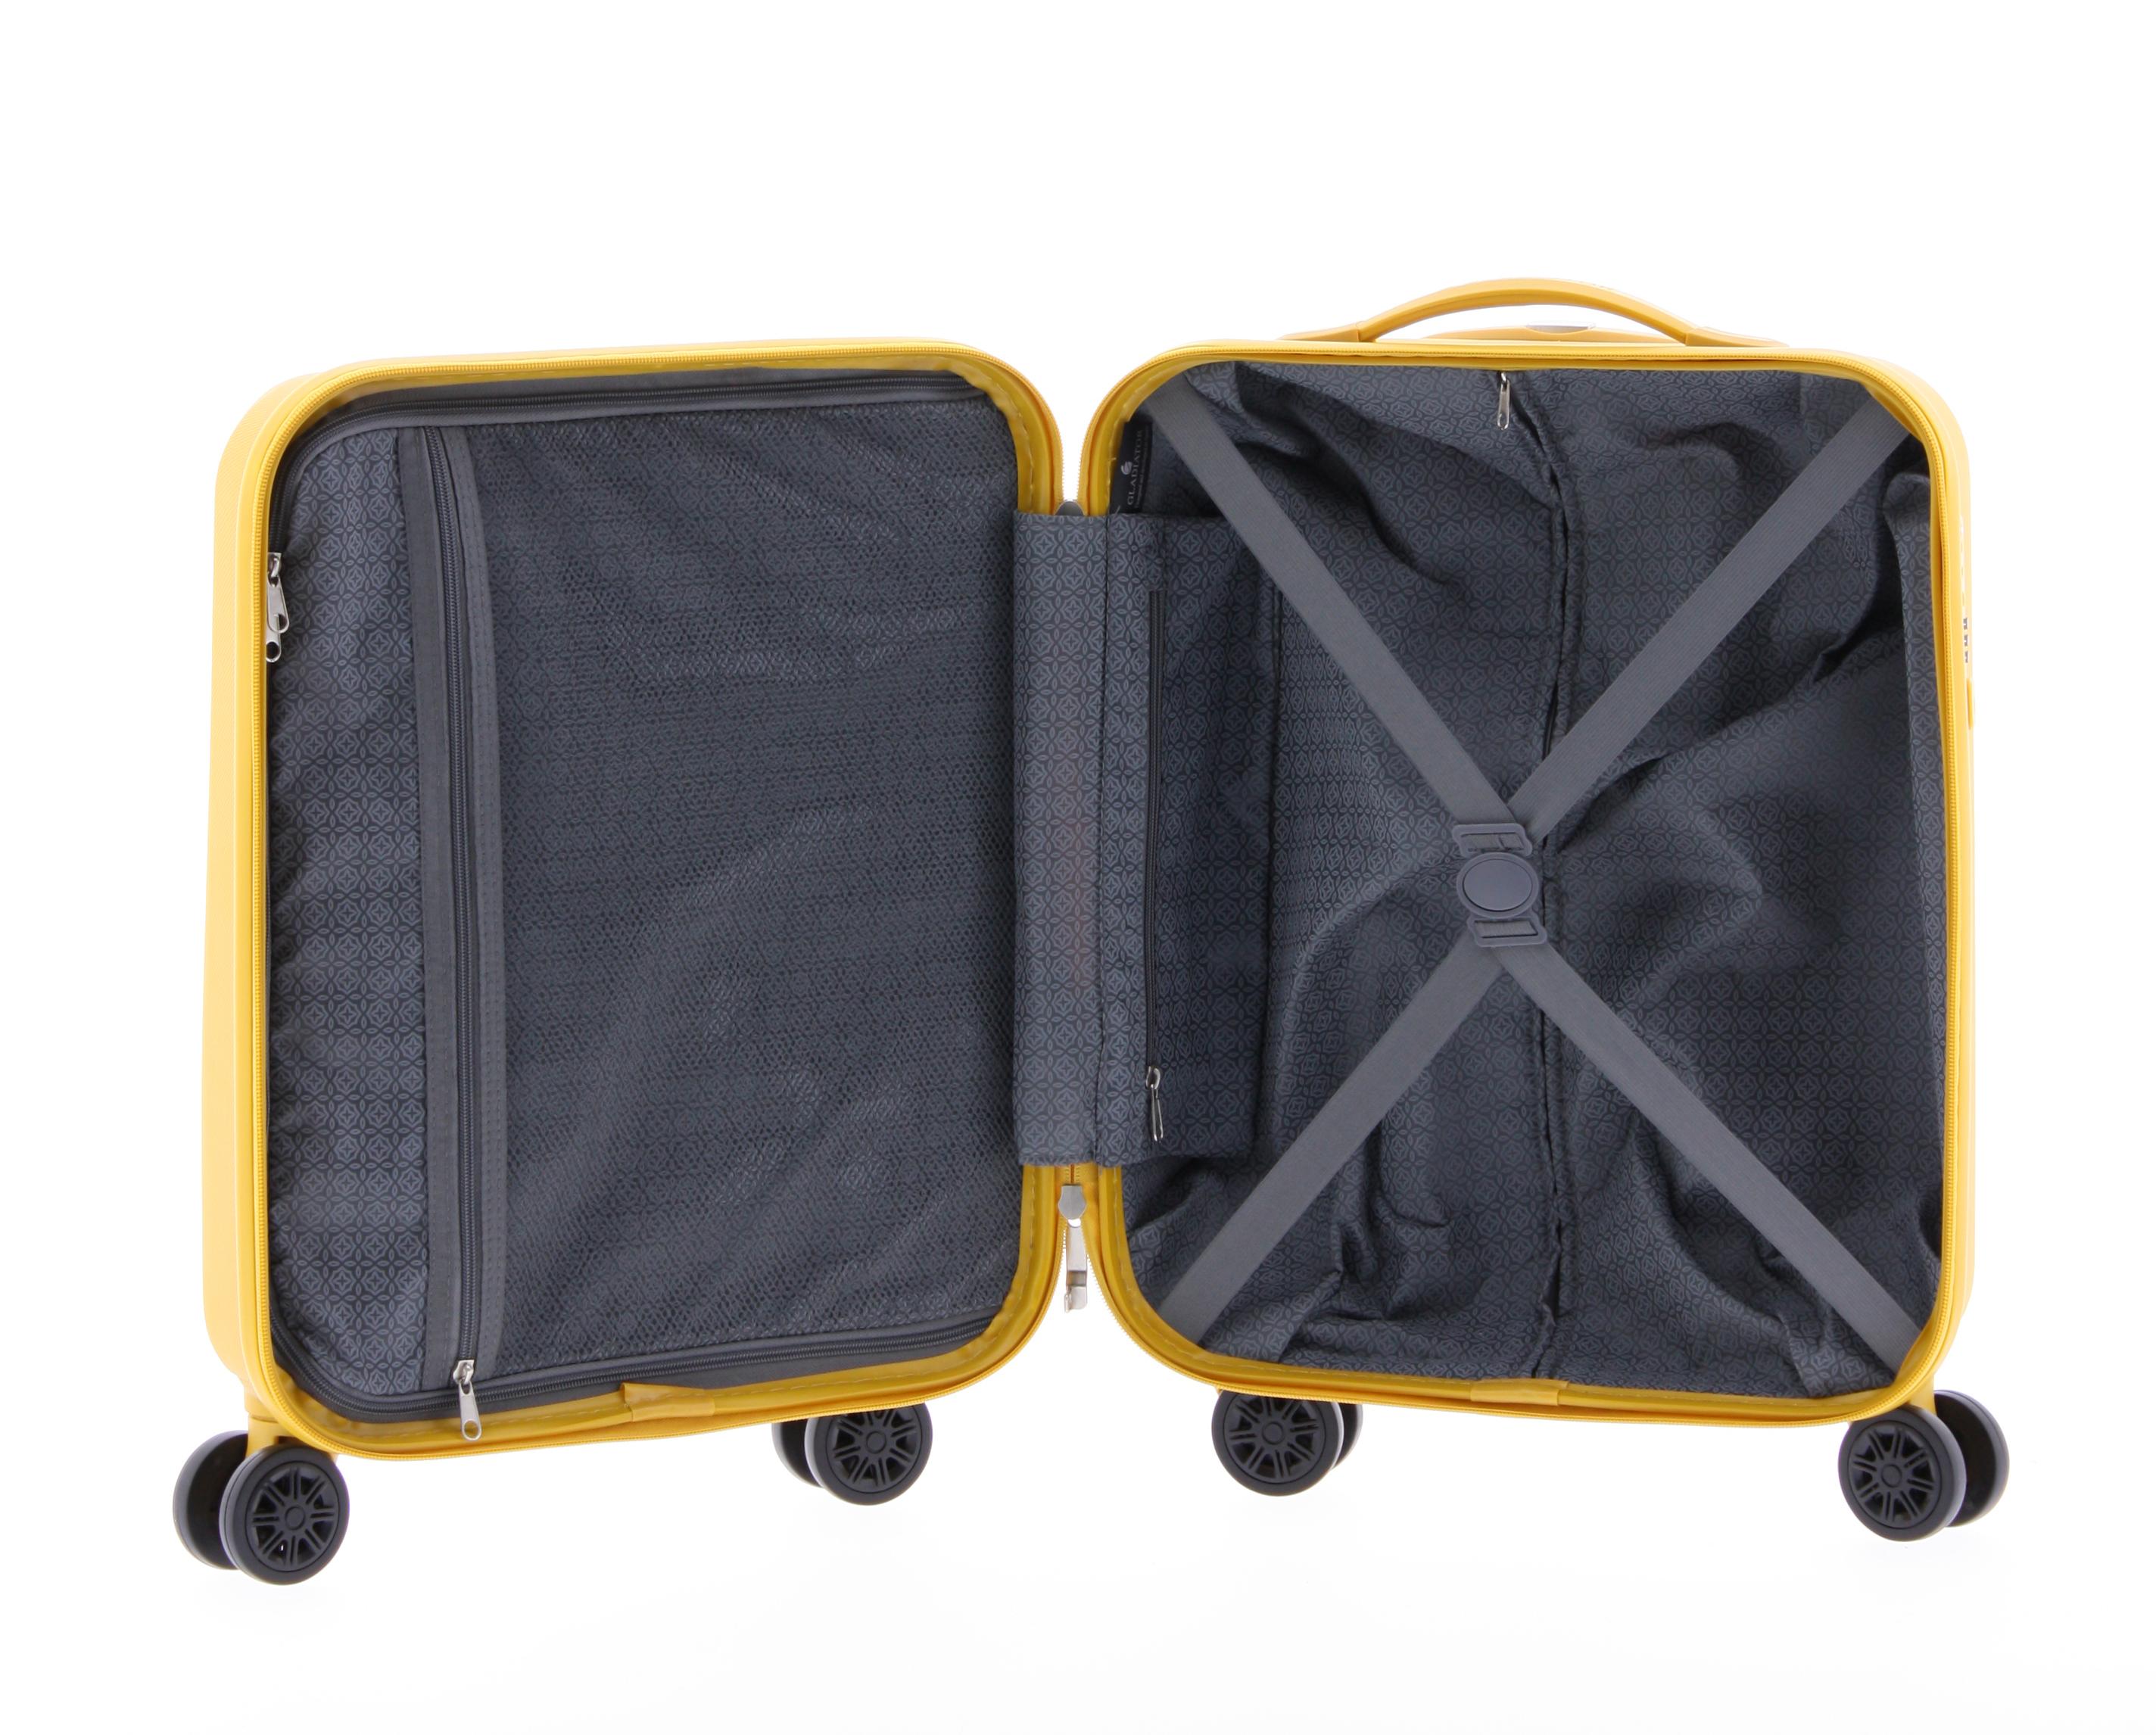 ce9beaa4c En este vídeo se puede ver como cambiar la combinación de la maleta opera  siguiendo las instrucciones tal como se indica.